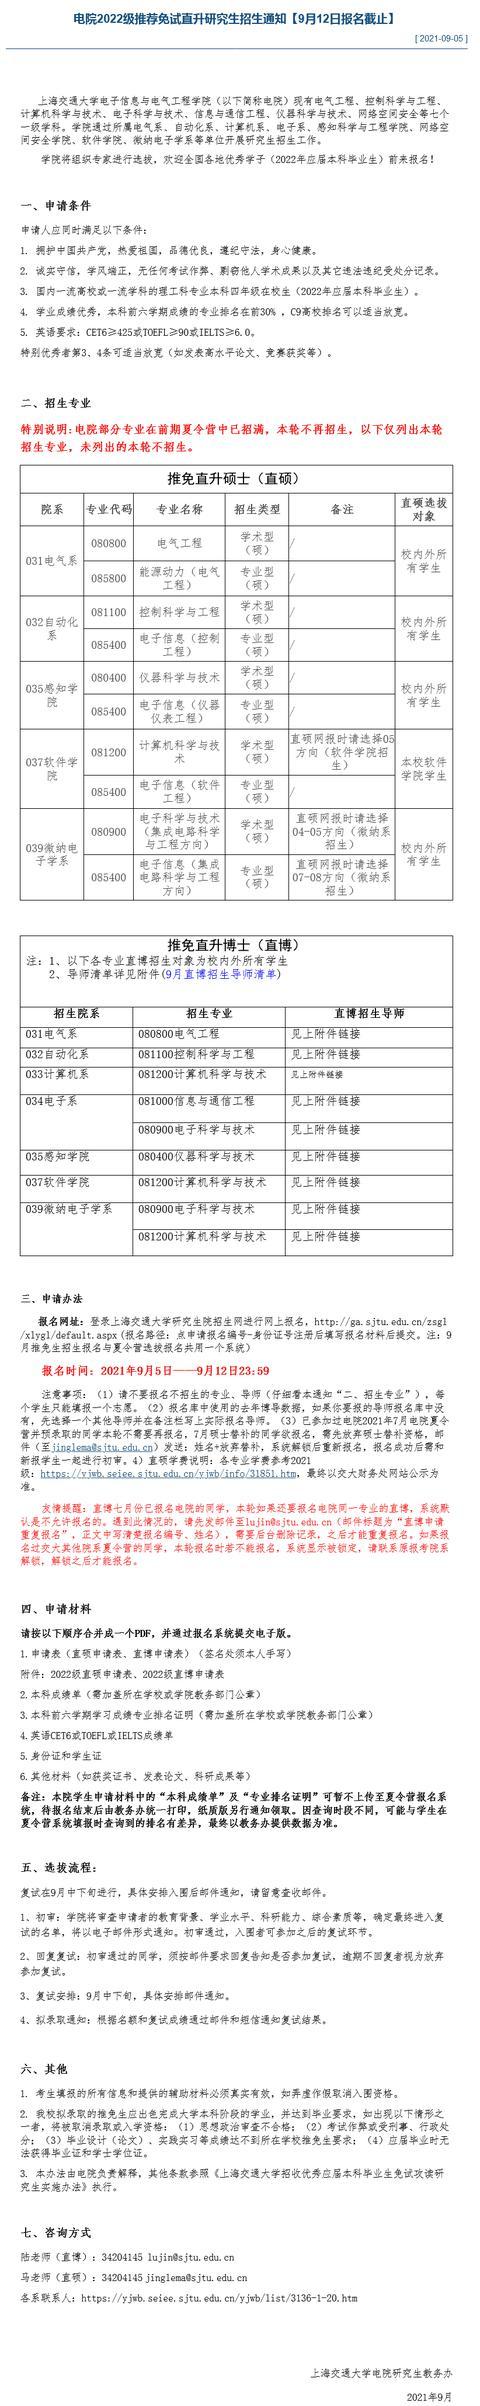 2021年上海交通大学电辅音信与电气工程学院推免招生通知